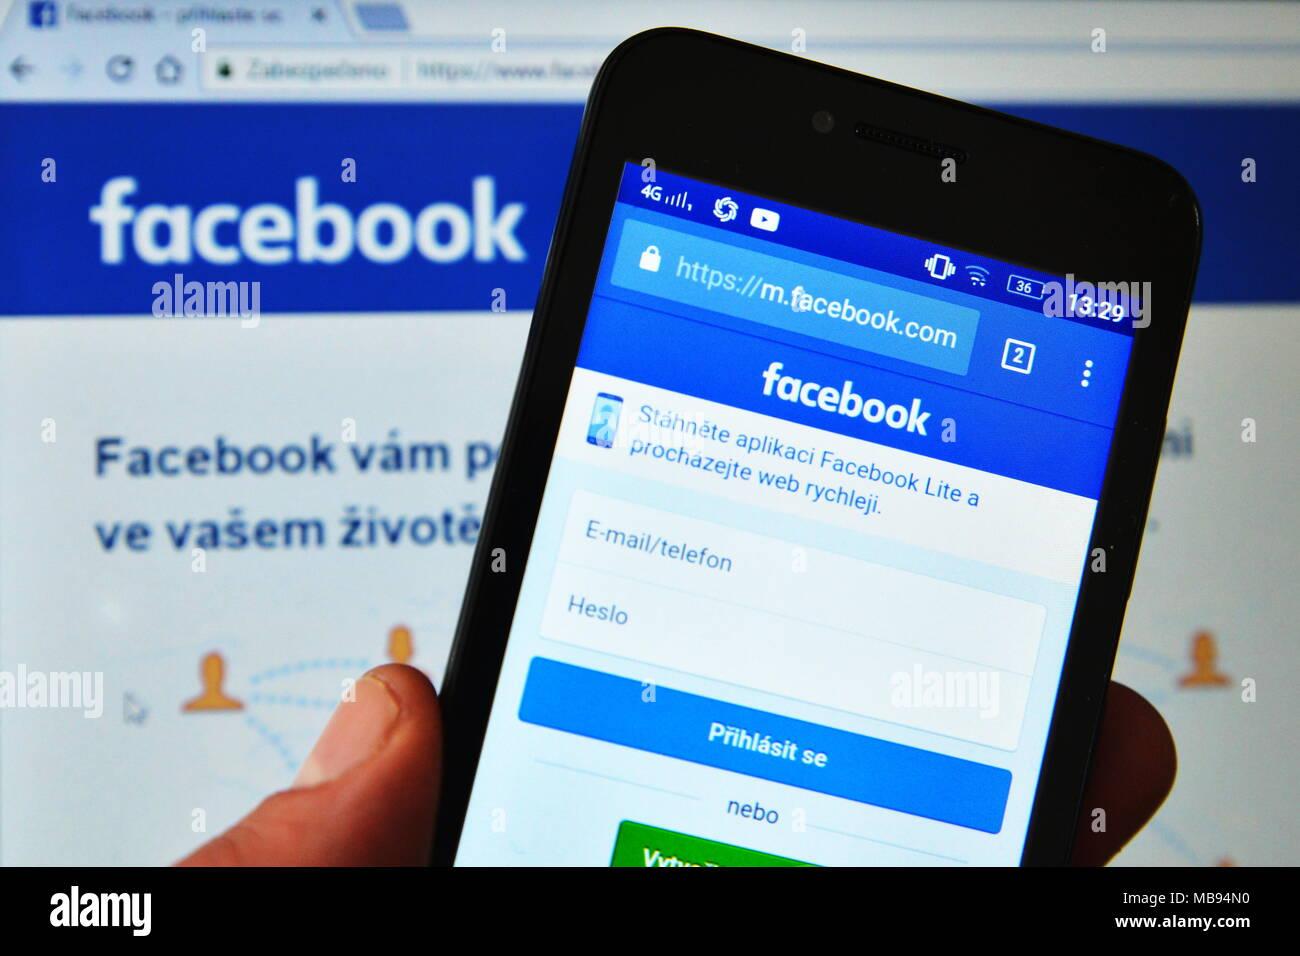 Handy facebook login über Facebook Messenger